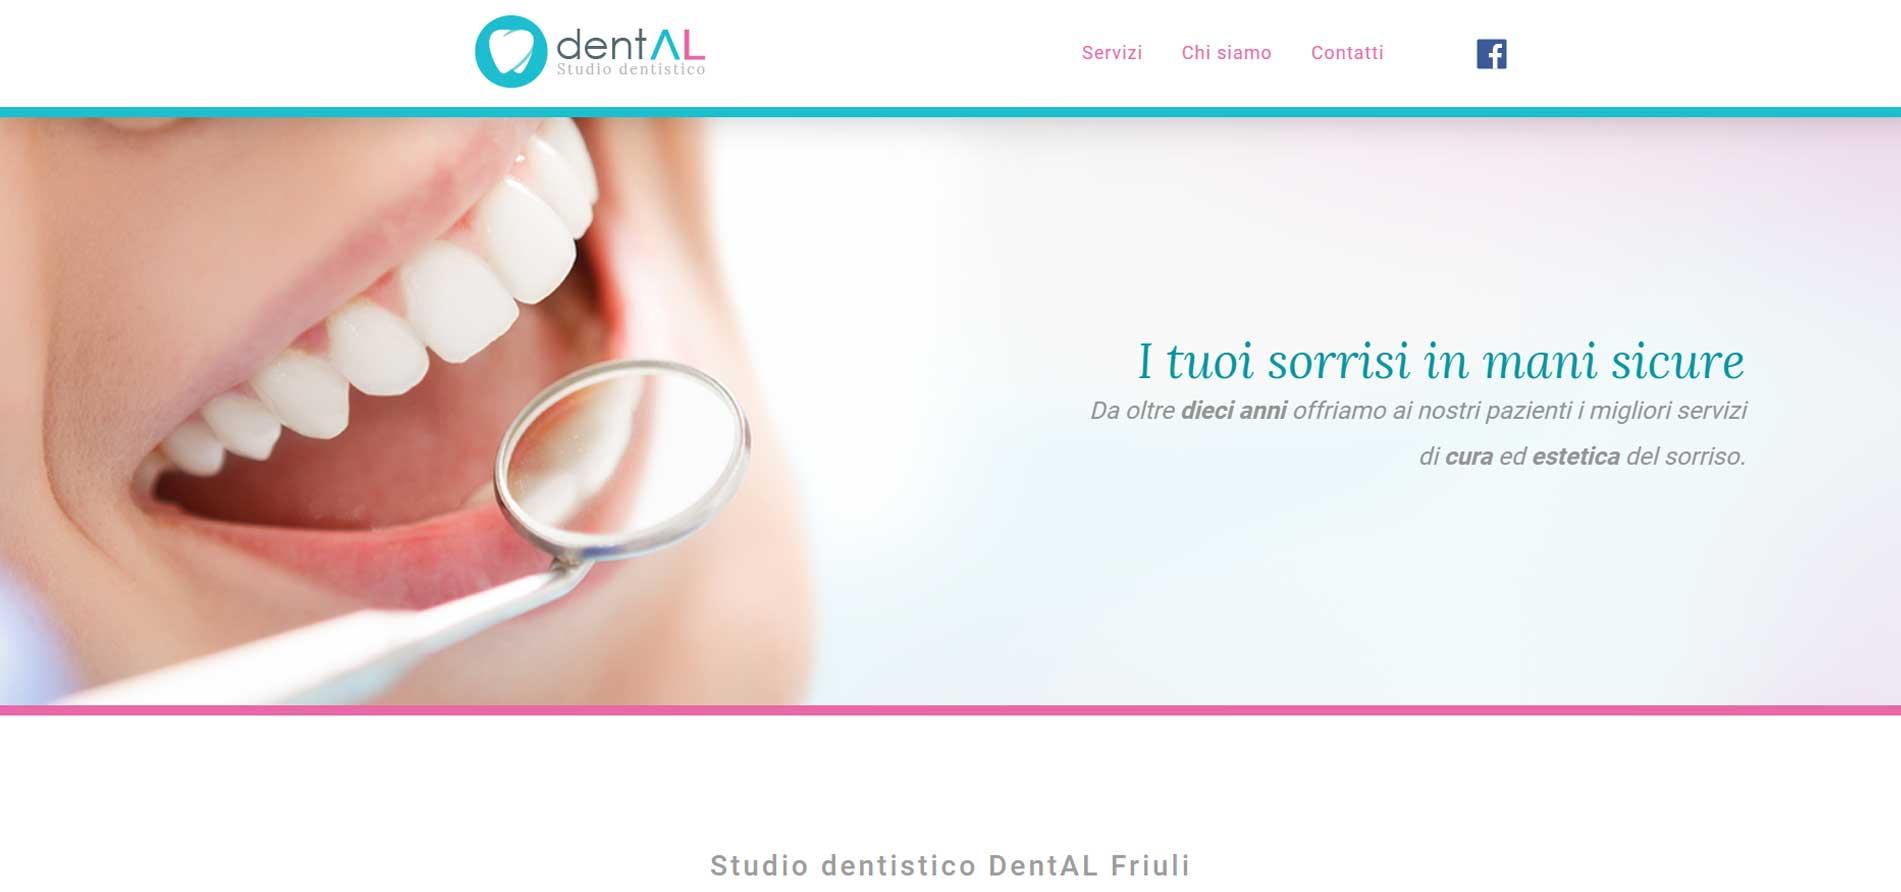 Web design_esempio 3